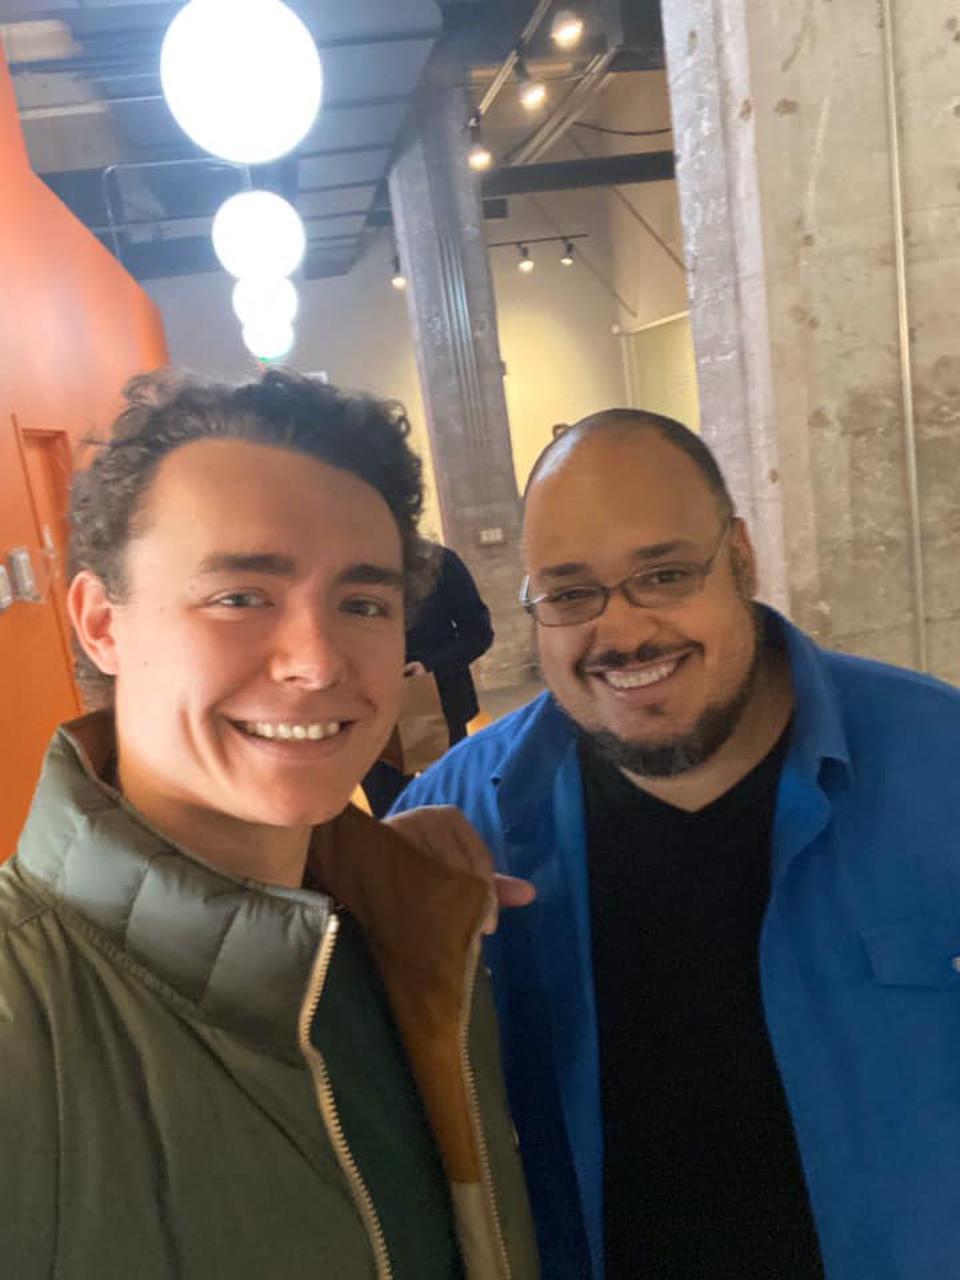 LegionFarm CEO with Y Combinator CEO.